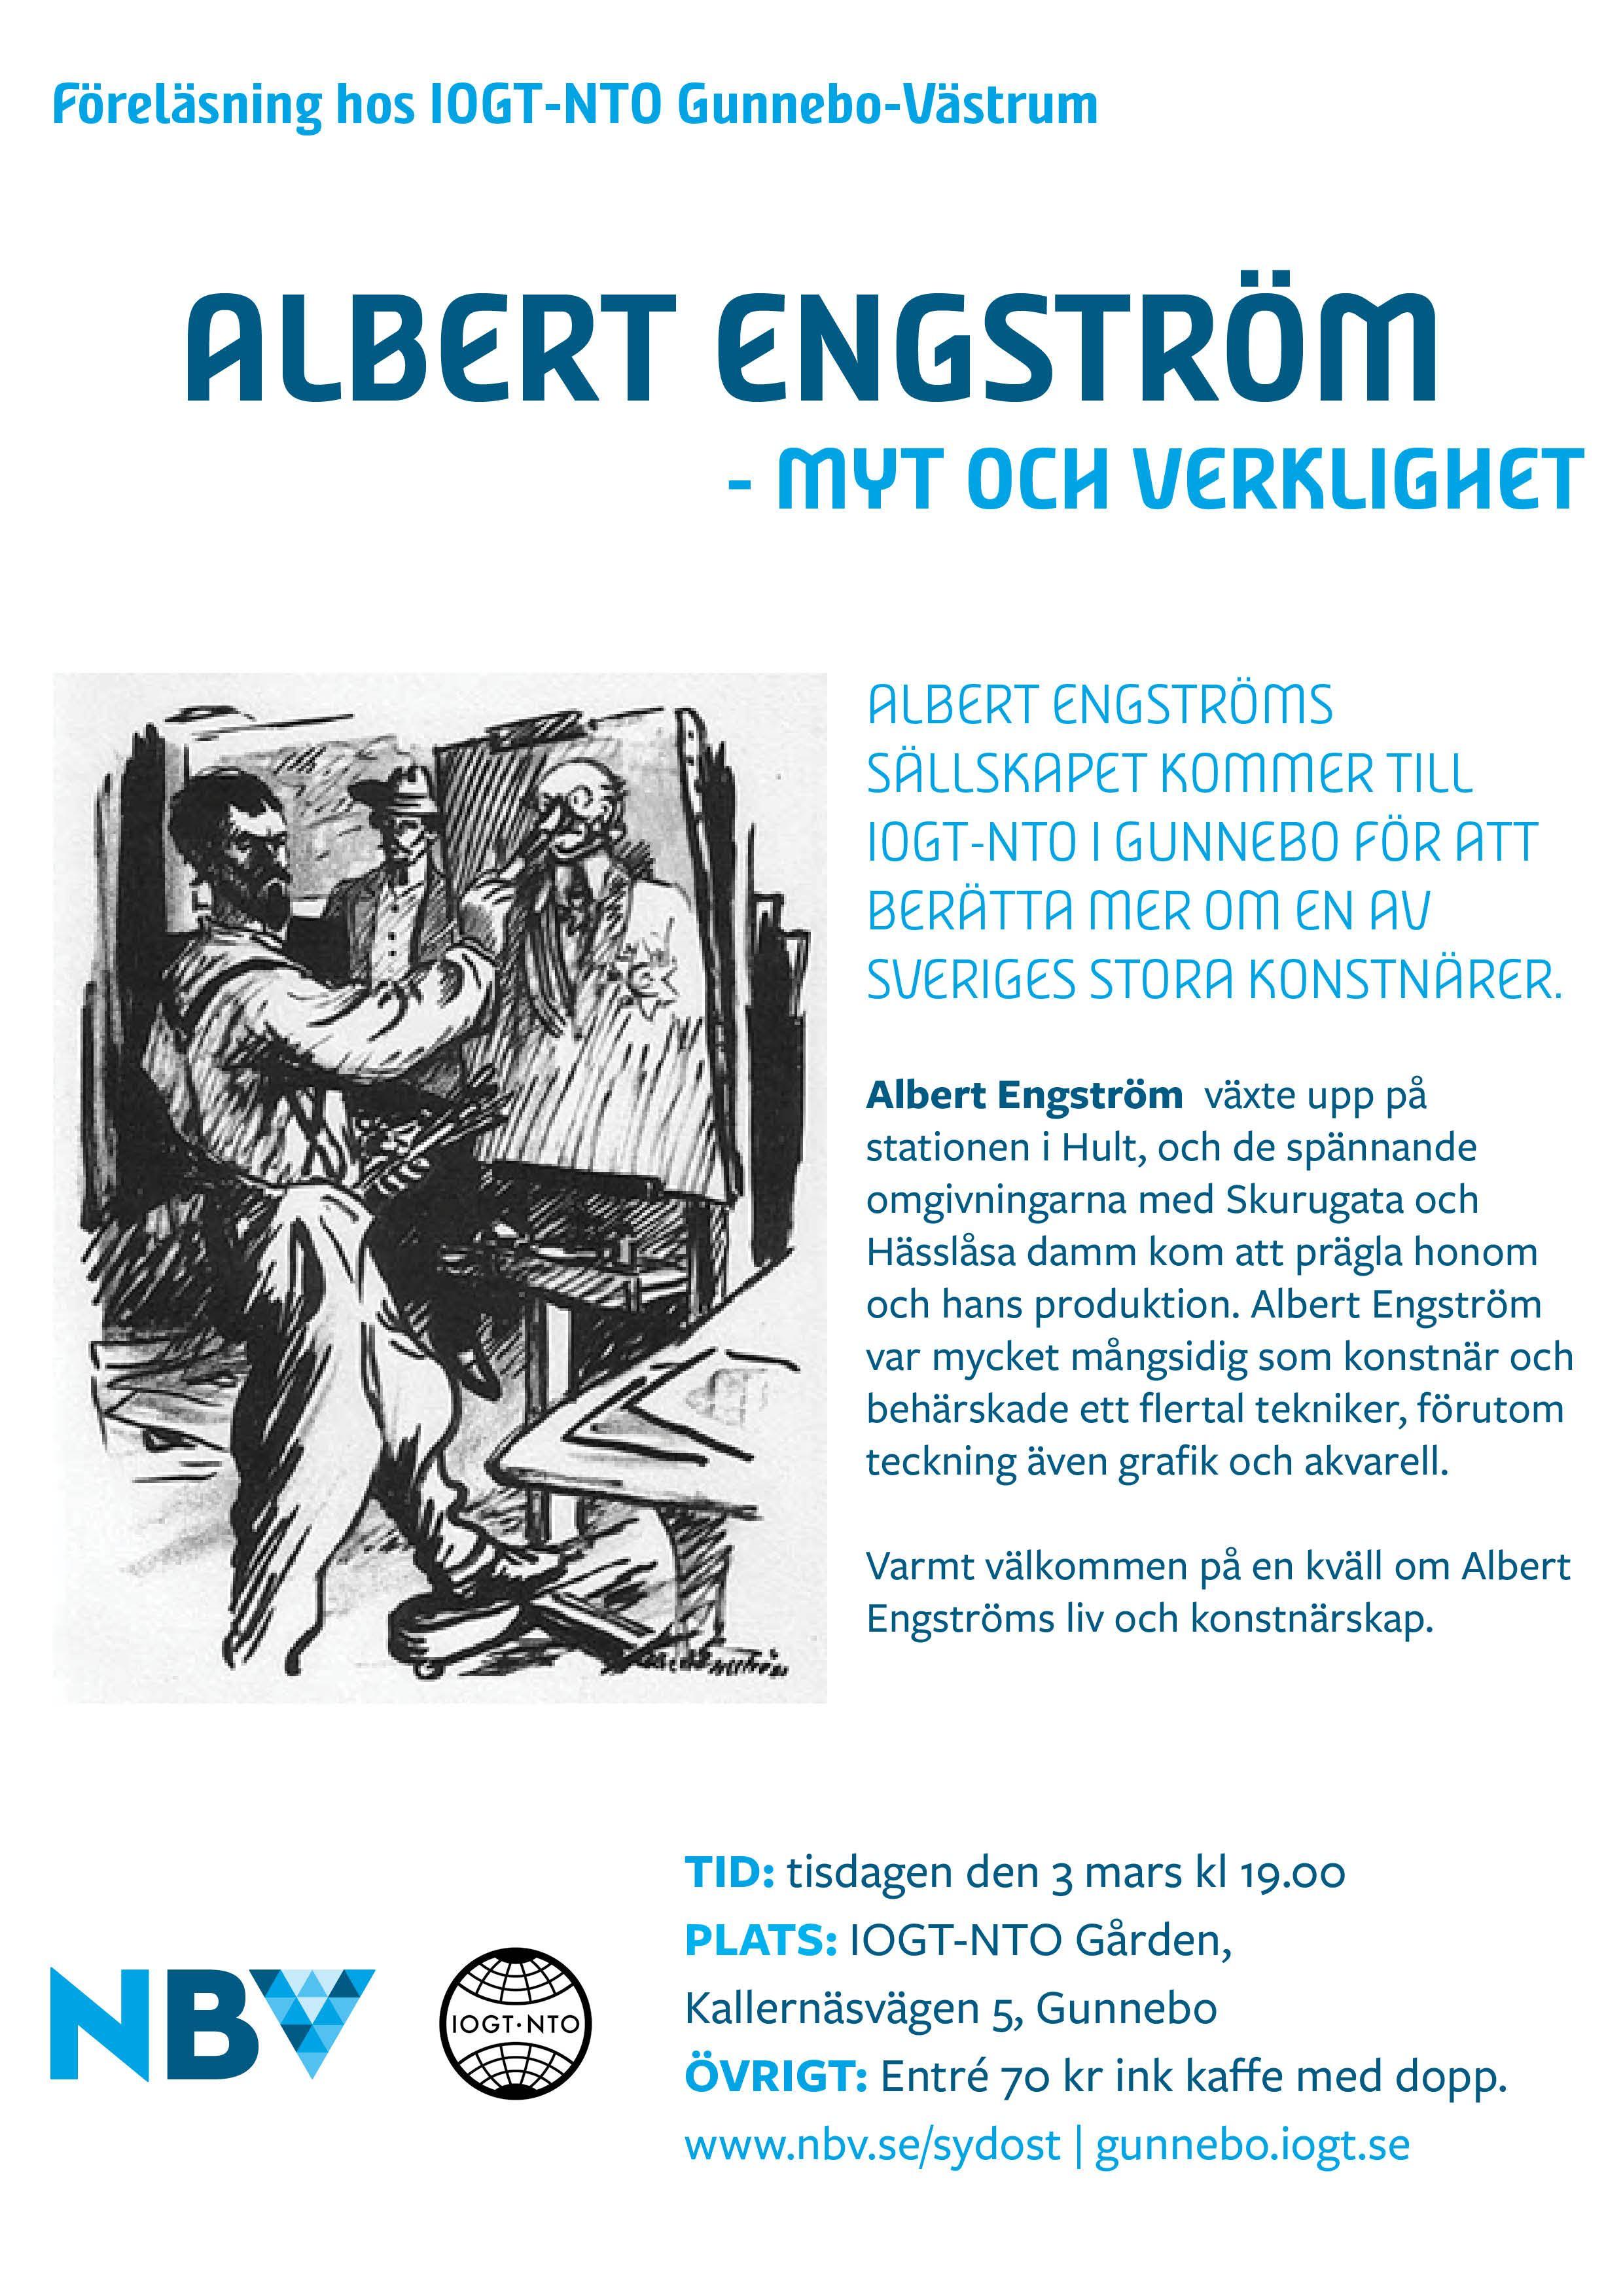 Albert Engström - Myt och verklighet